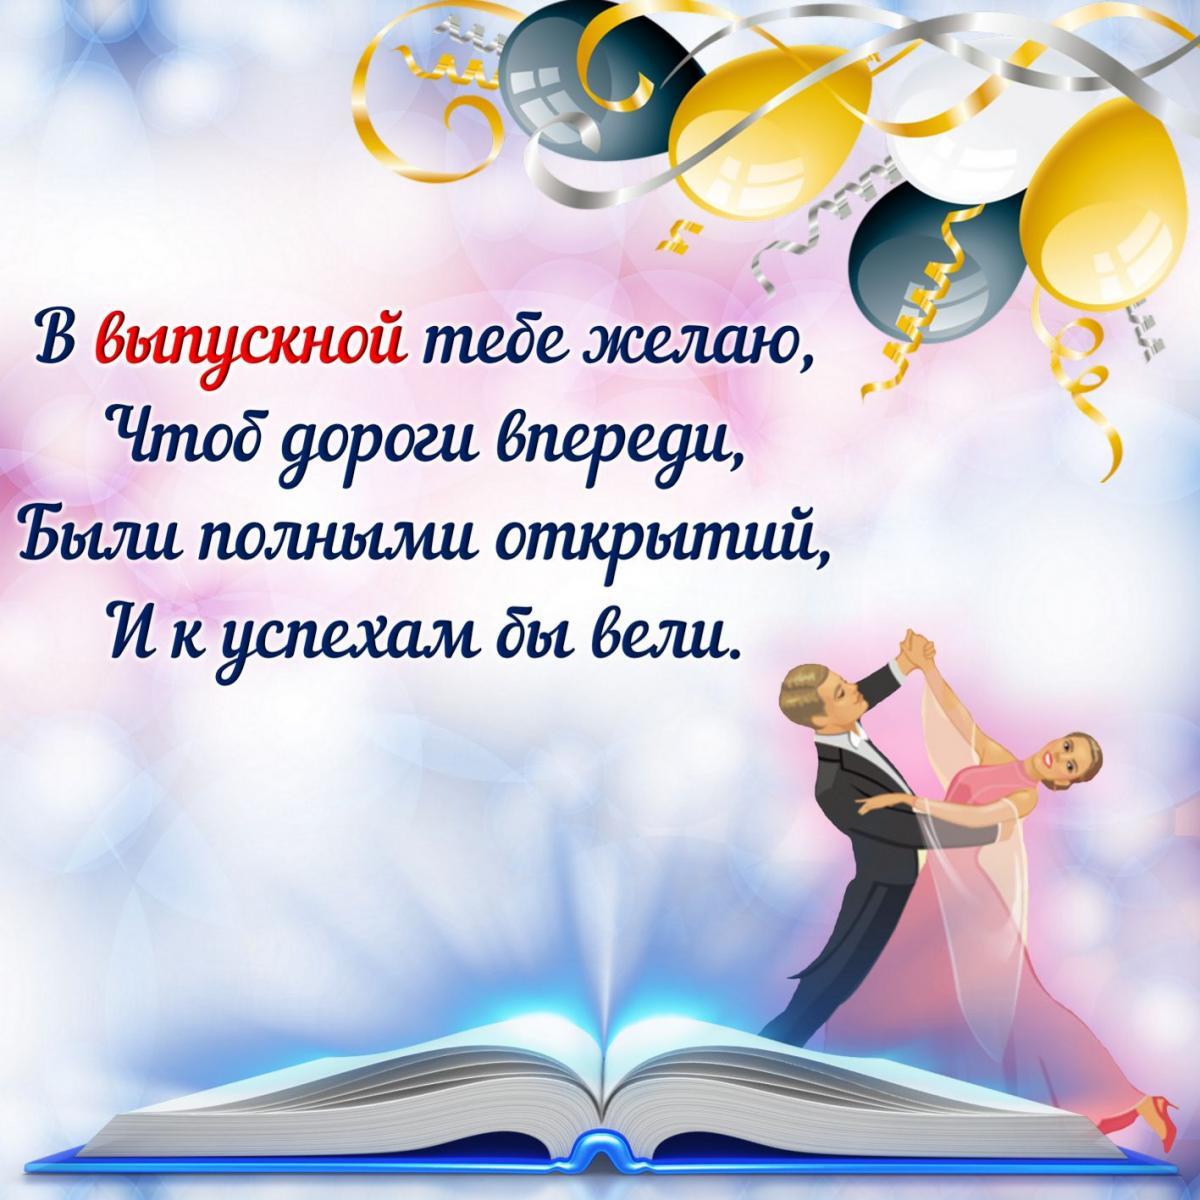 С выпускным 2021 поздравления / фото bonnycards.ru